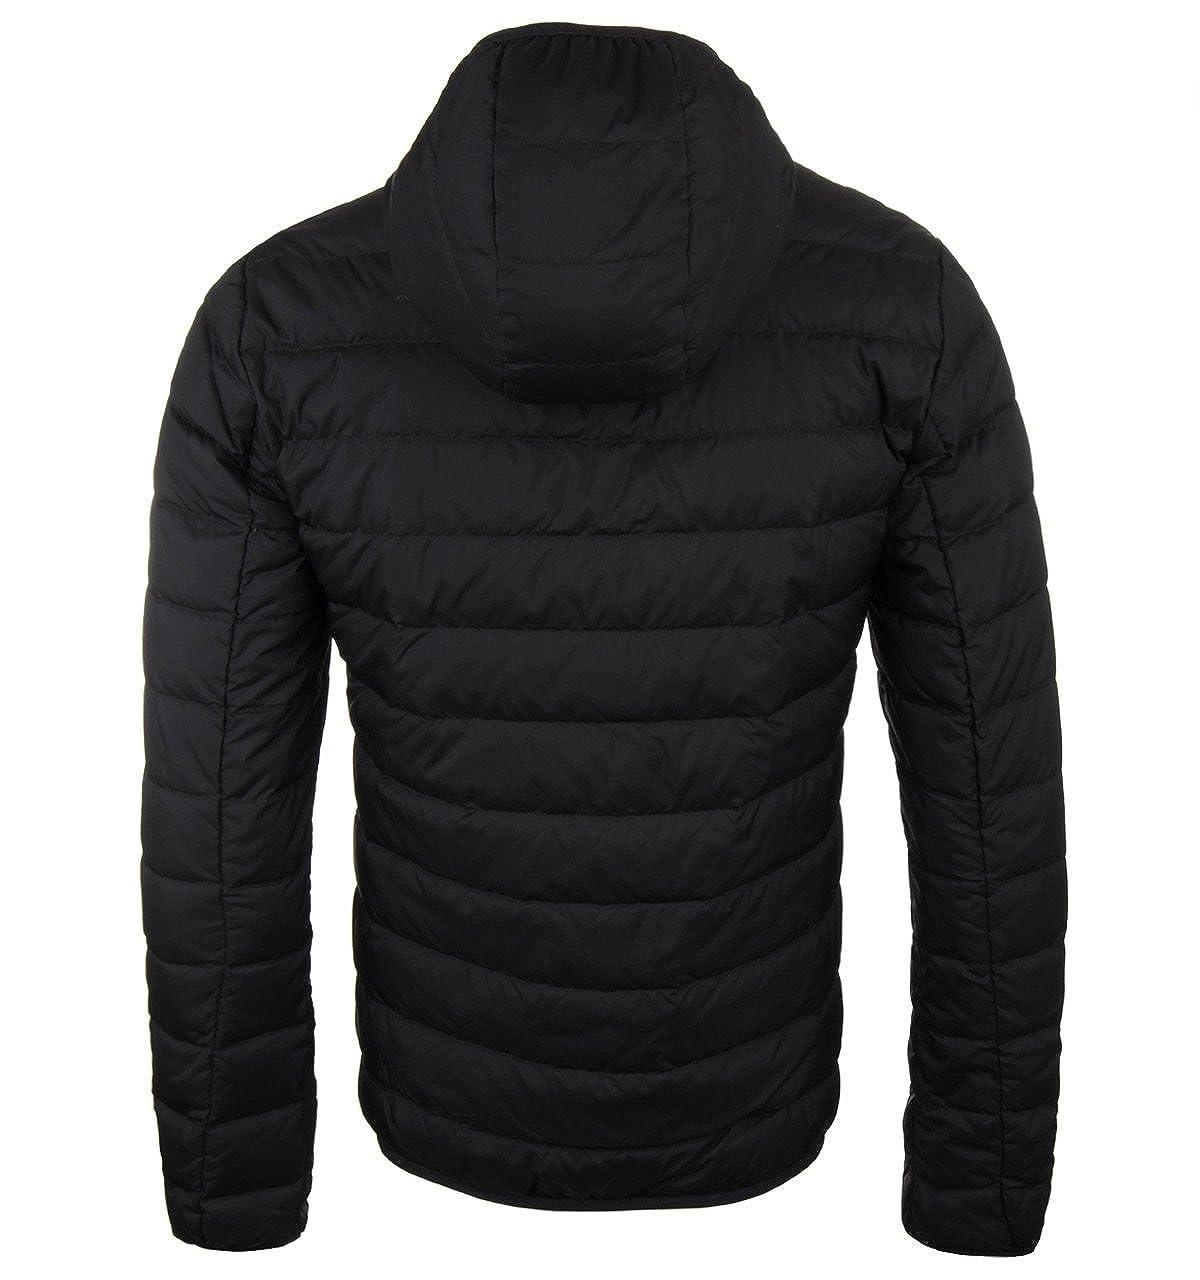 b5e6f5b45 EA7 Black Herringbone Padded Hooded Pack-Away Jacket: Amazon.co.uk ...